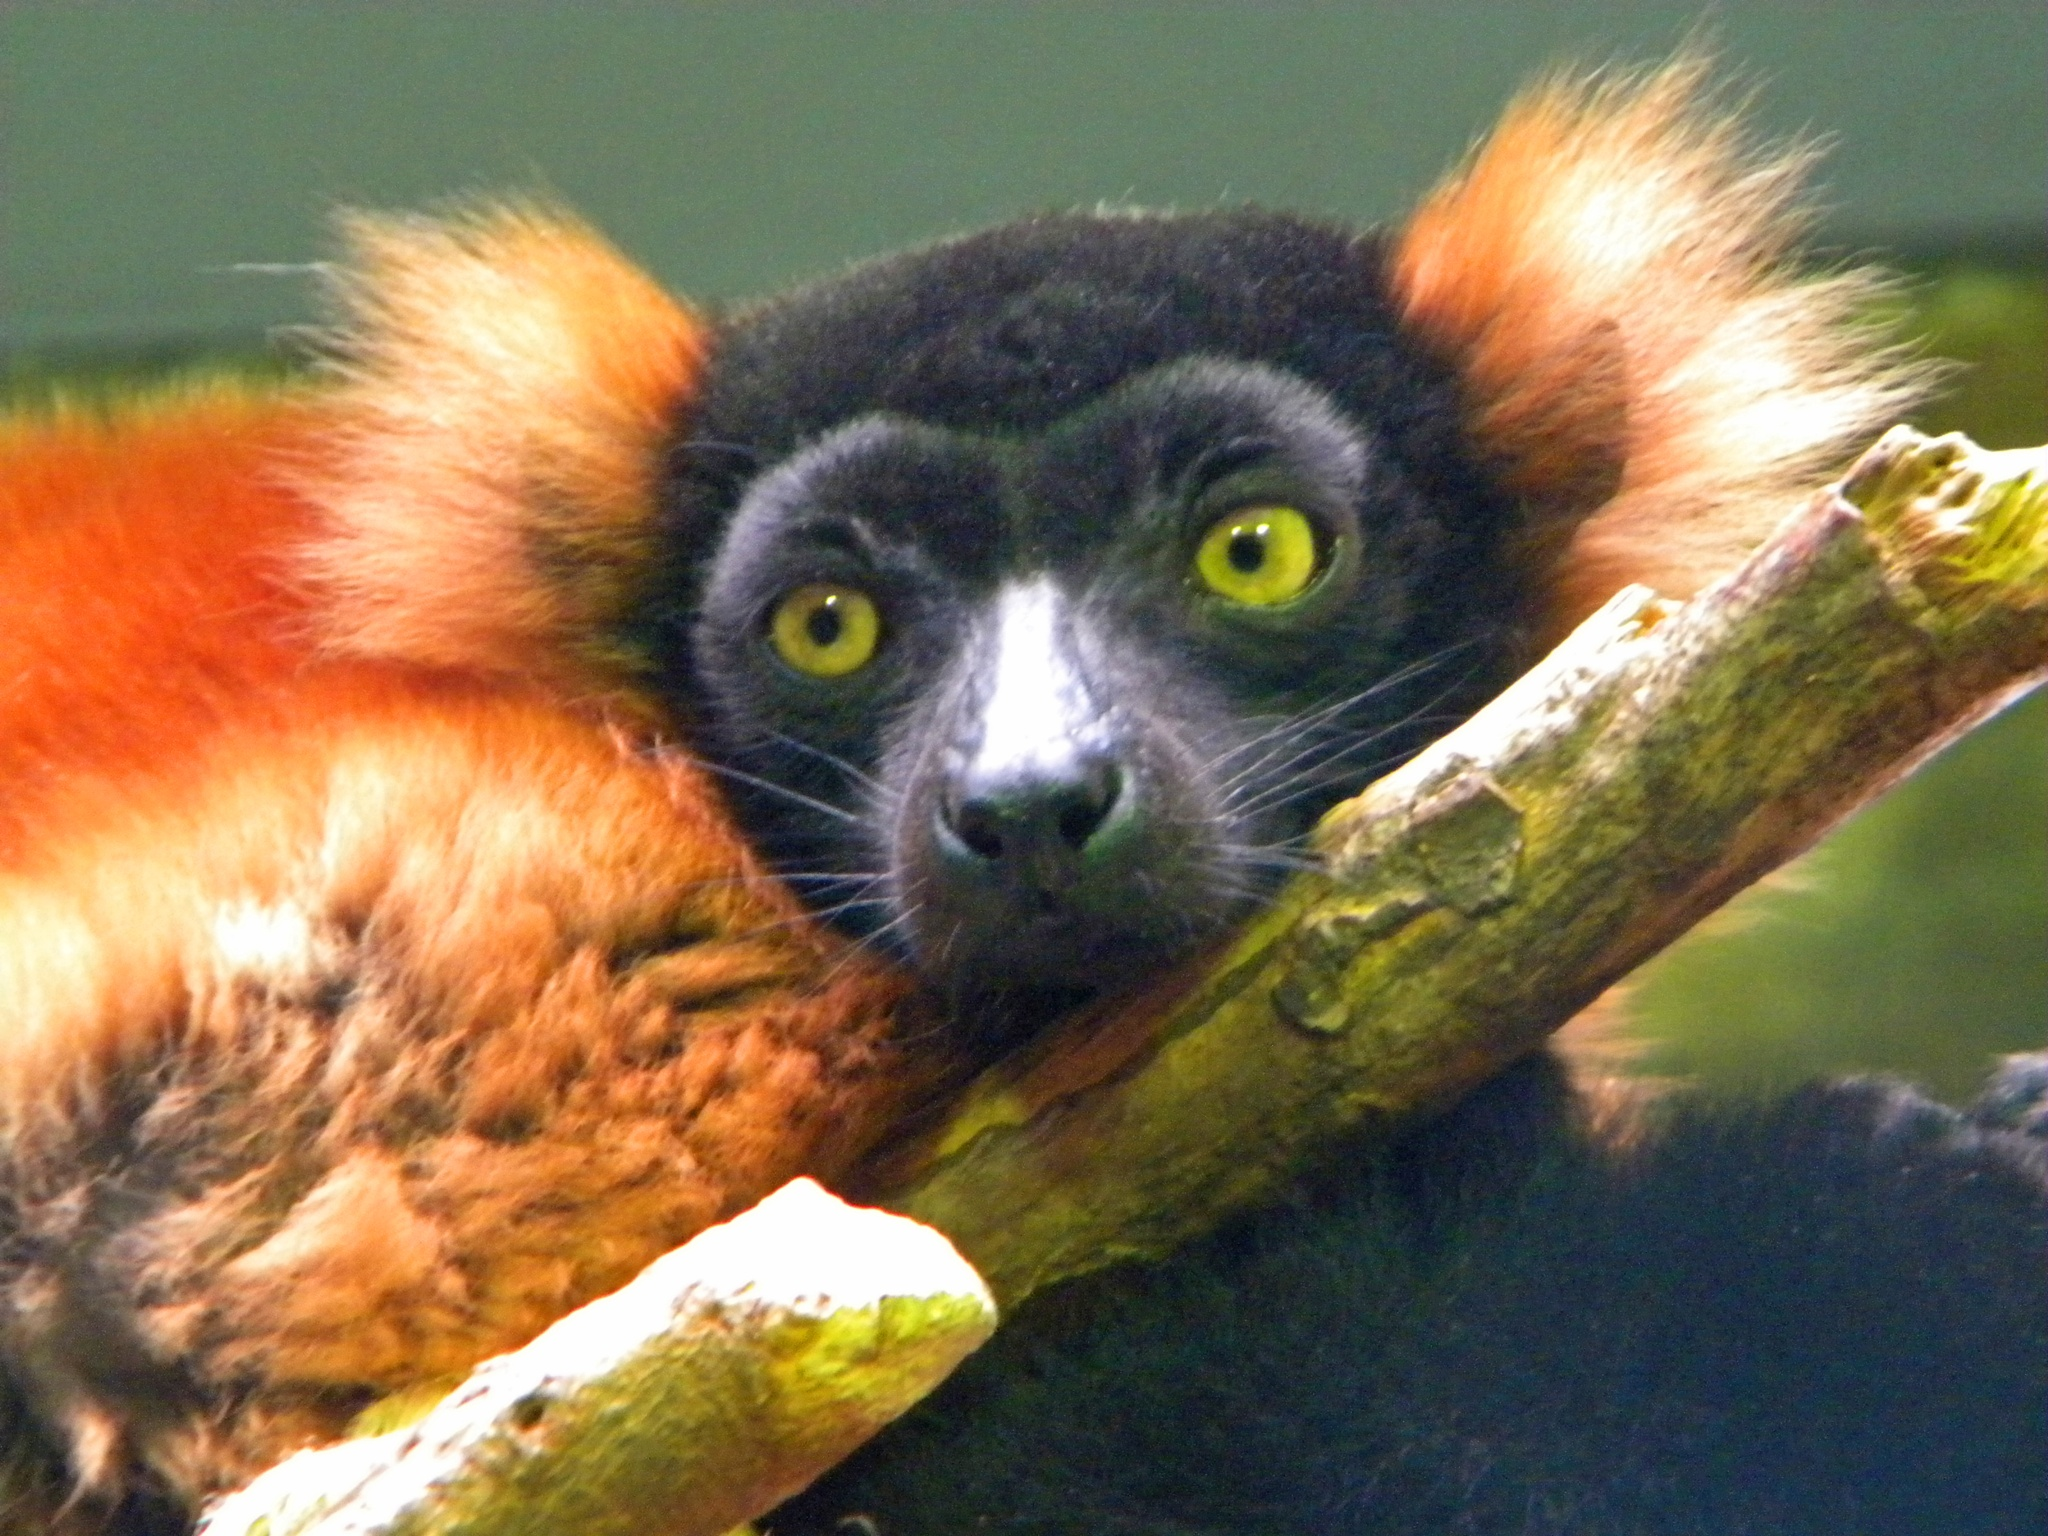 Red-Ruffed Lemur Portrait by Phillip W. Strunk